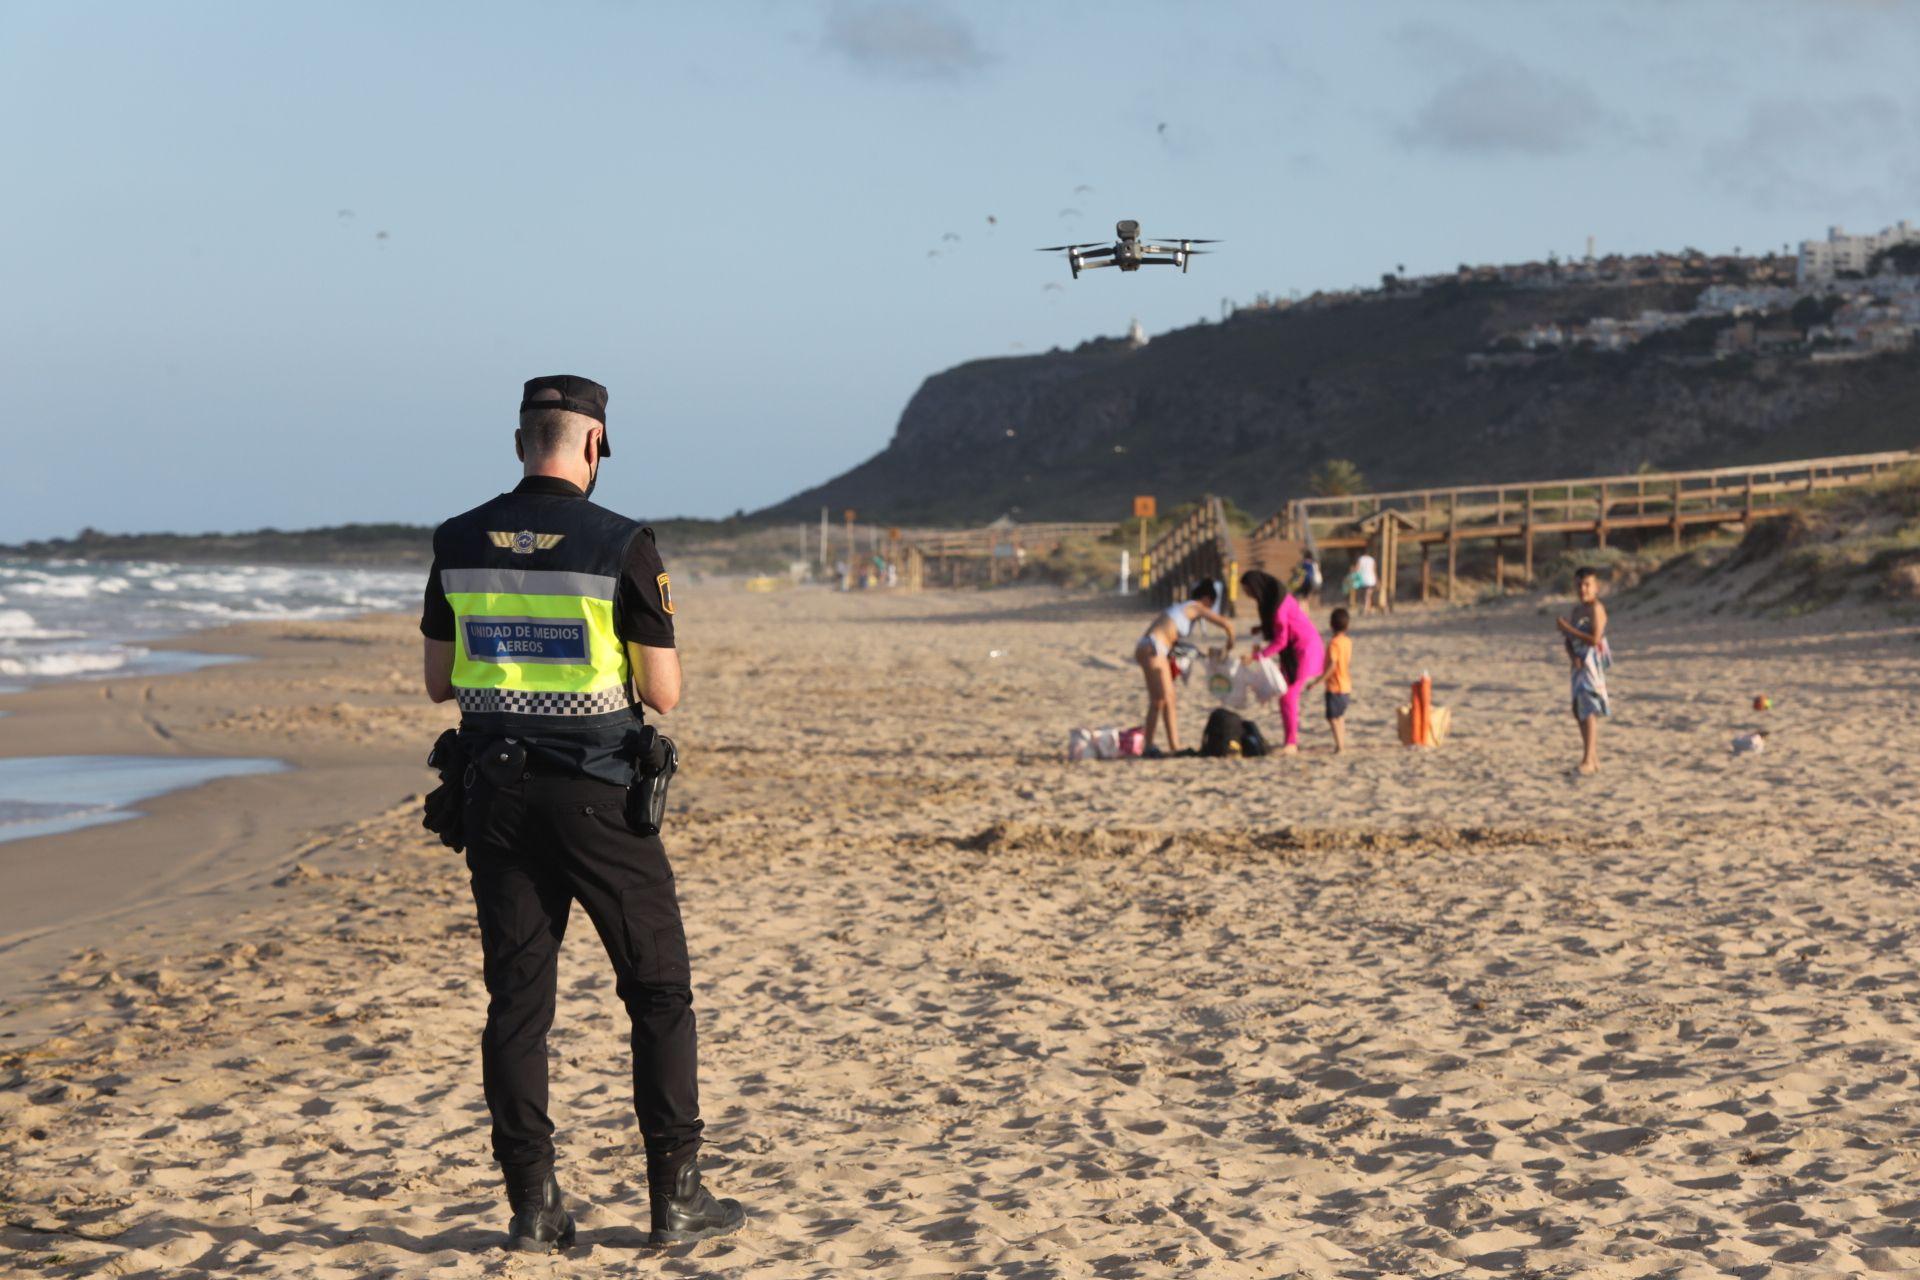 La policía desaloja la playa de Arenales en la noche de San Juan